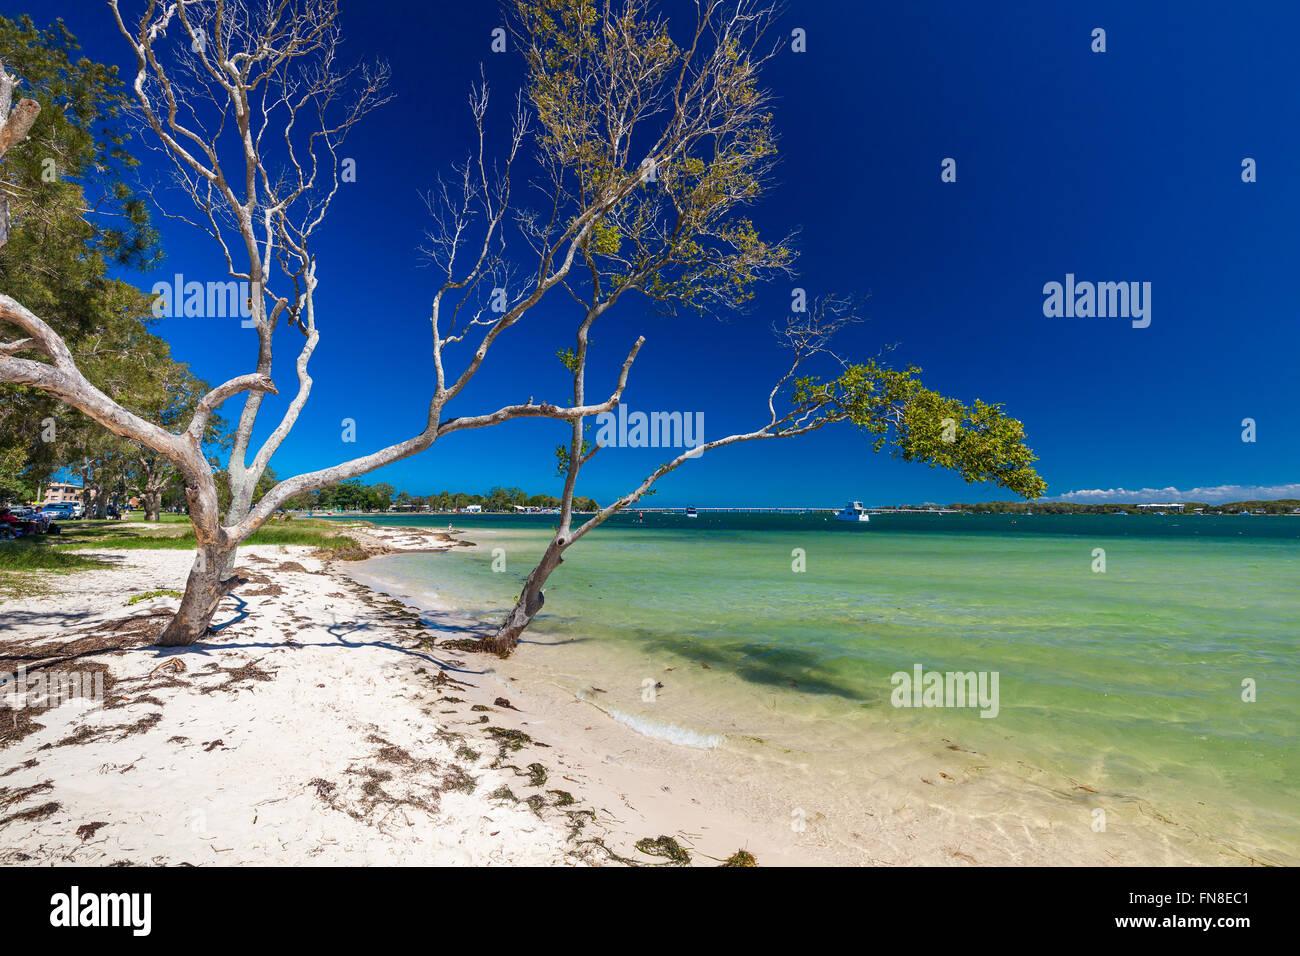 BRIBIE ISLAND, AUSTRALIE - 14 févr. 2016:: plage avec des arbres sur le côté ouest de Photo Stock